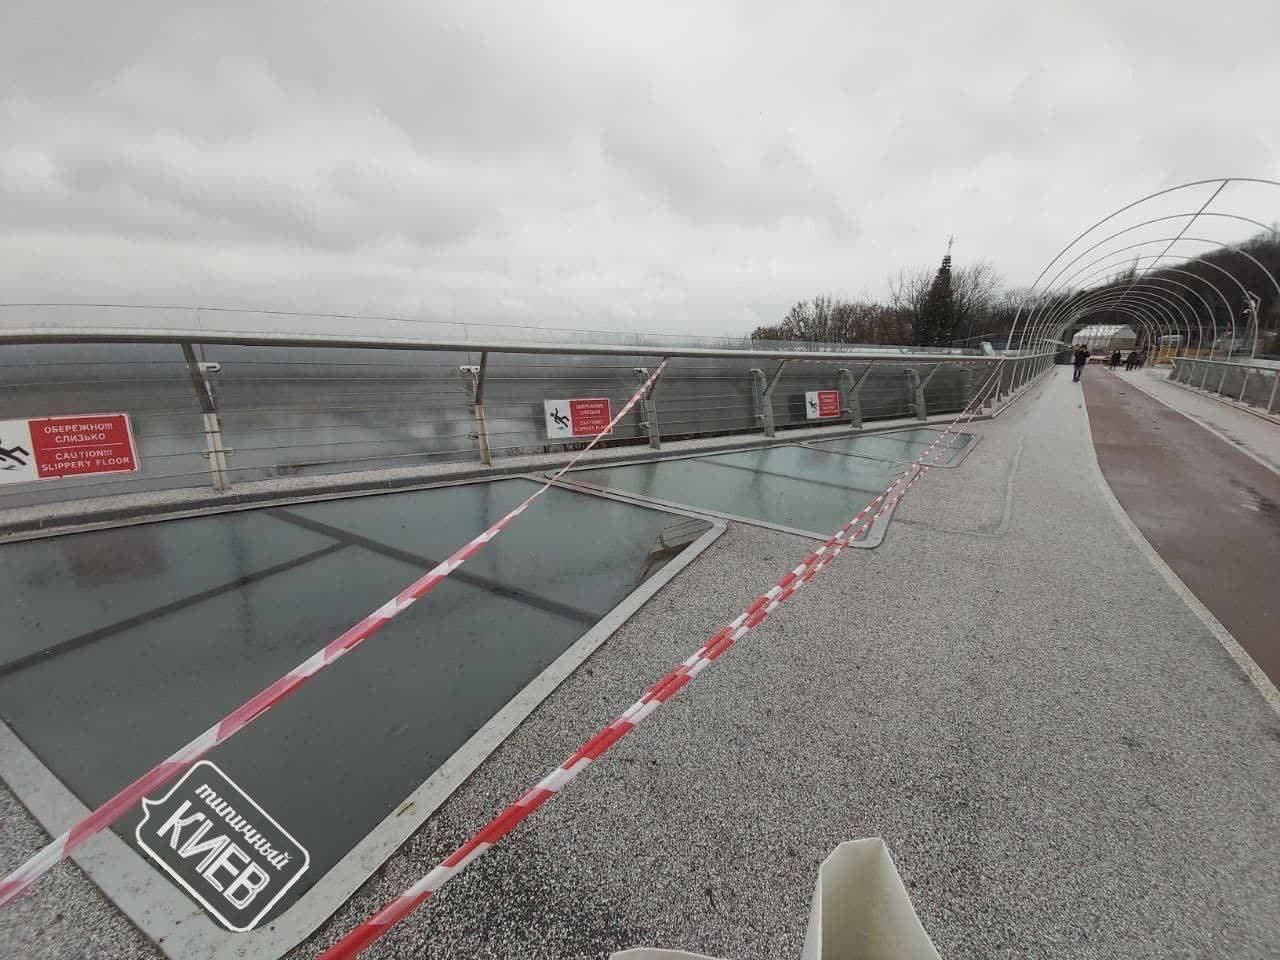 Никогда такого не было: в Киеве на пешеходном мосту Кличко снова треснуло стекло, ФОТО, фото-1